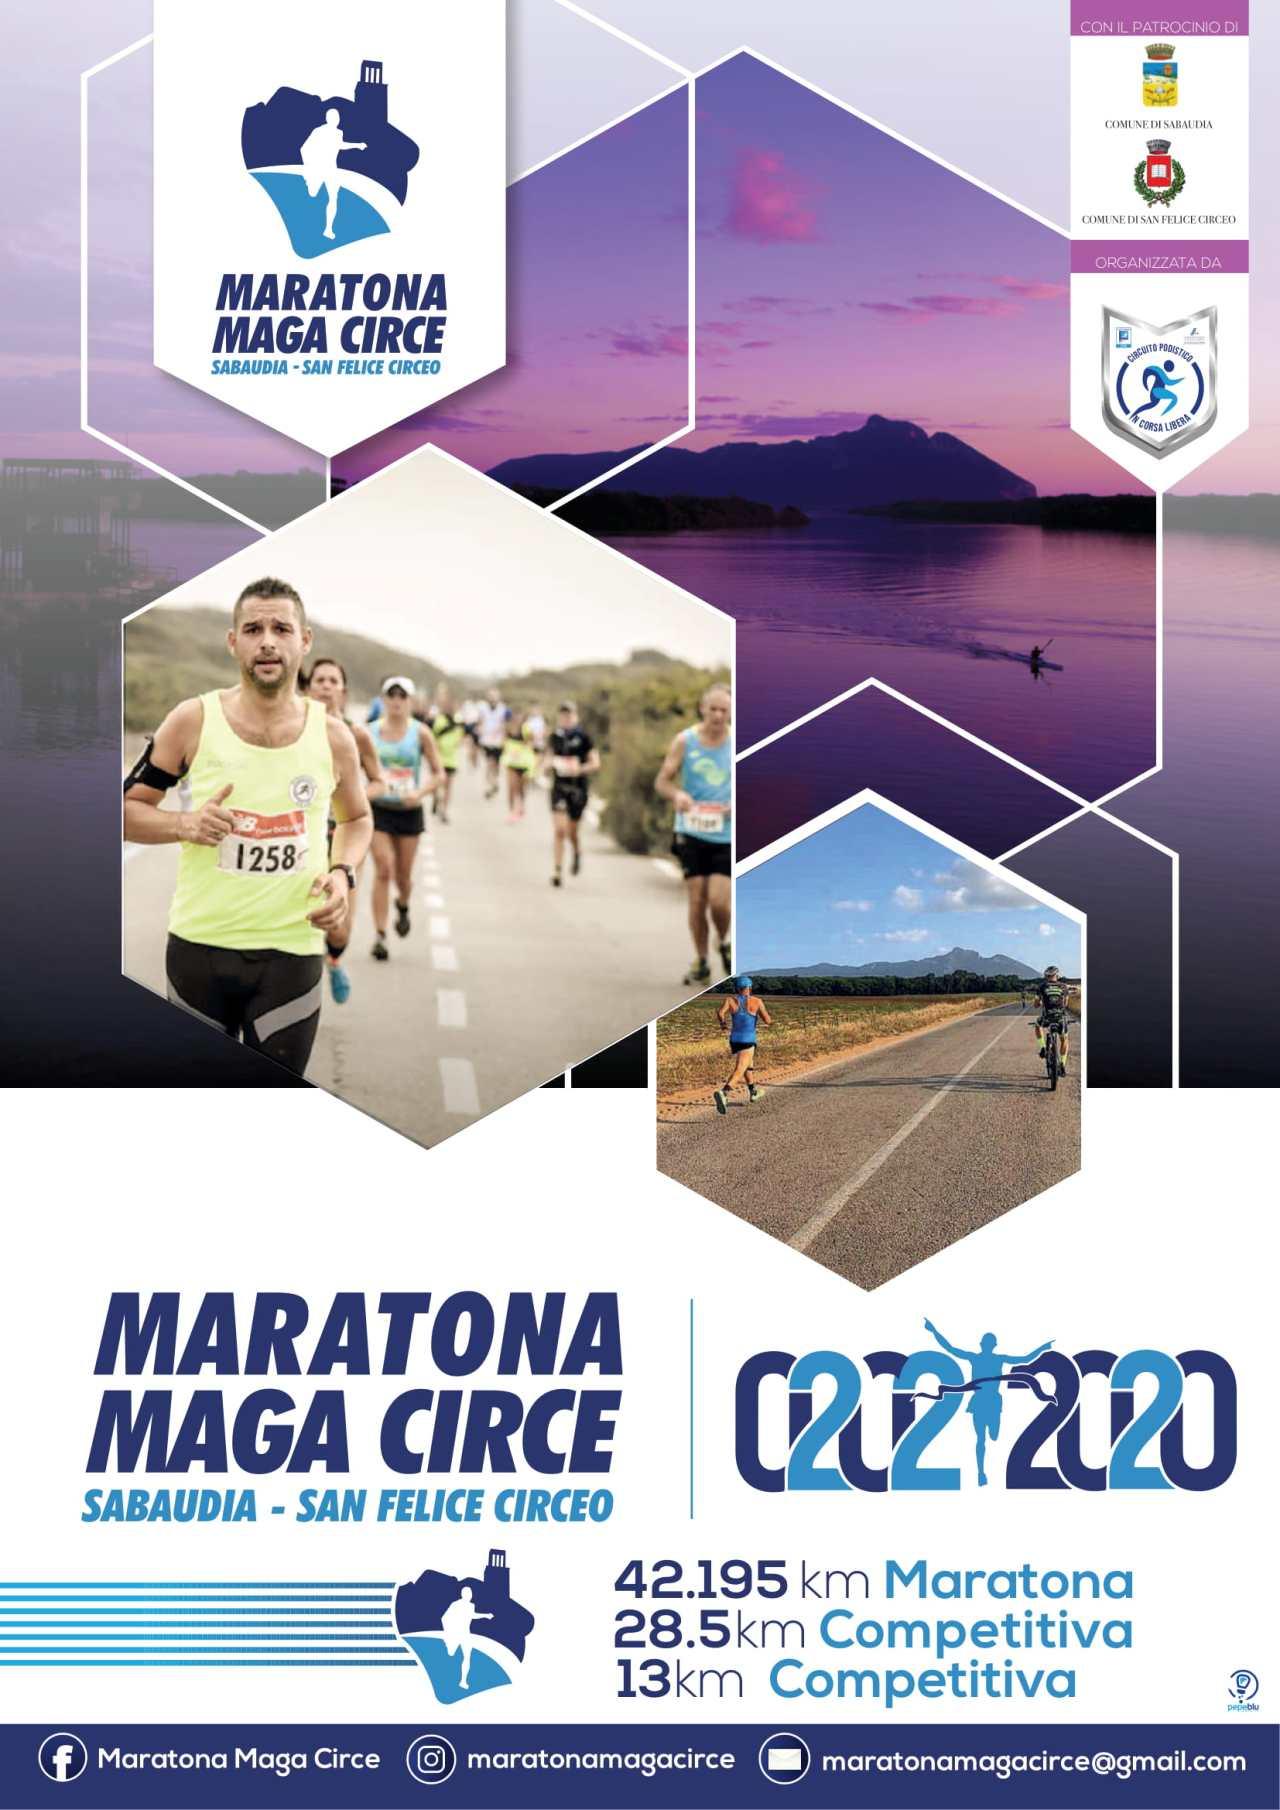 rubrica Hic Sunt Leones: Maratona MAGACIRCE